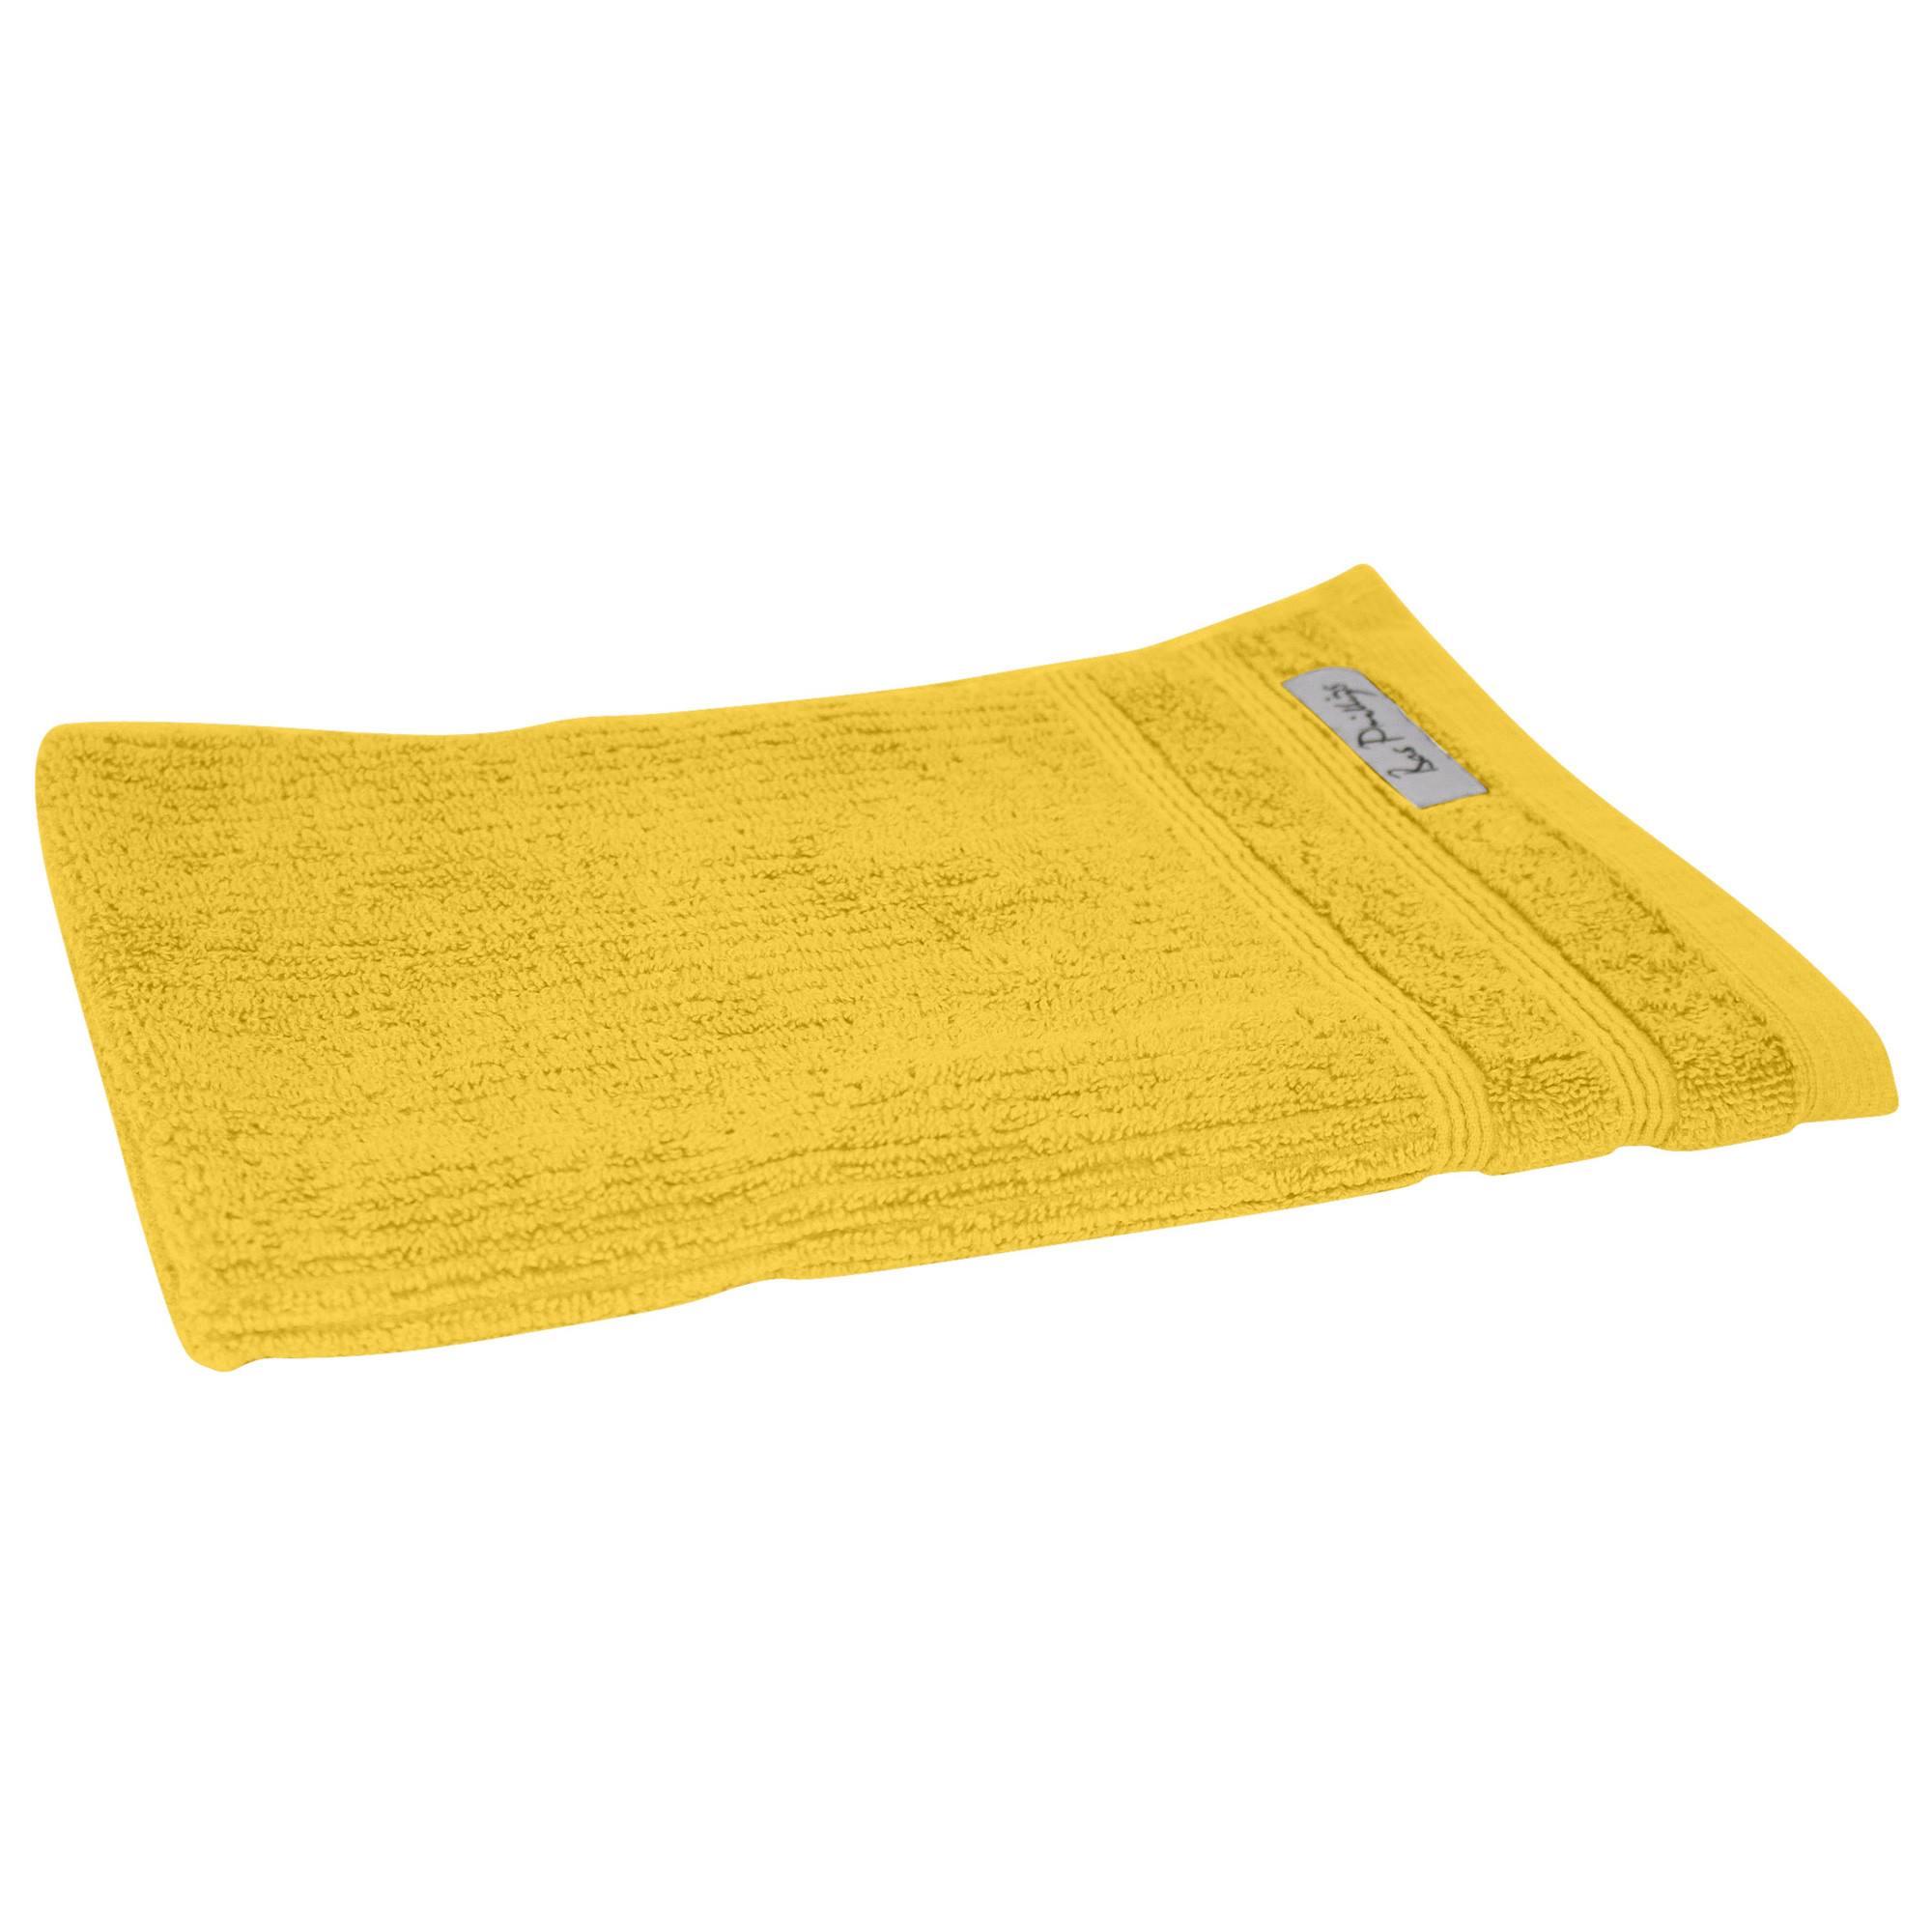 Bas Phillips Cairo Egyptian Cotton Hand Towel, Saffron